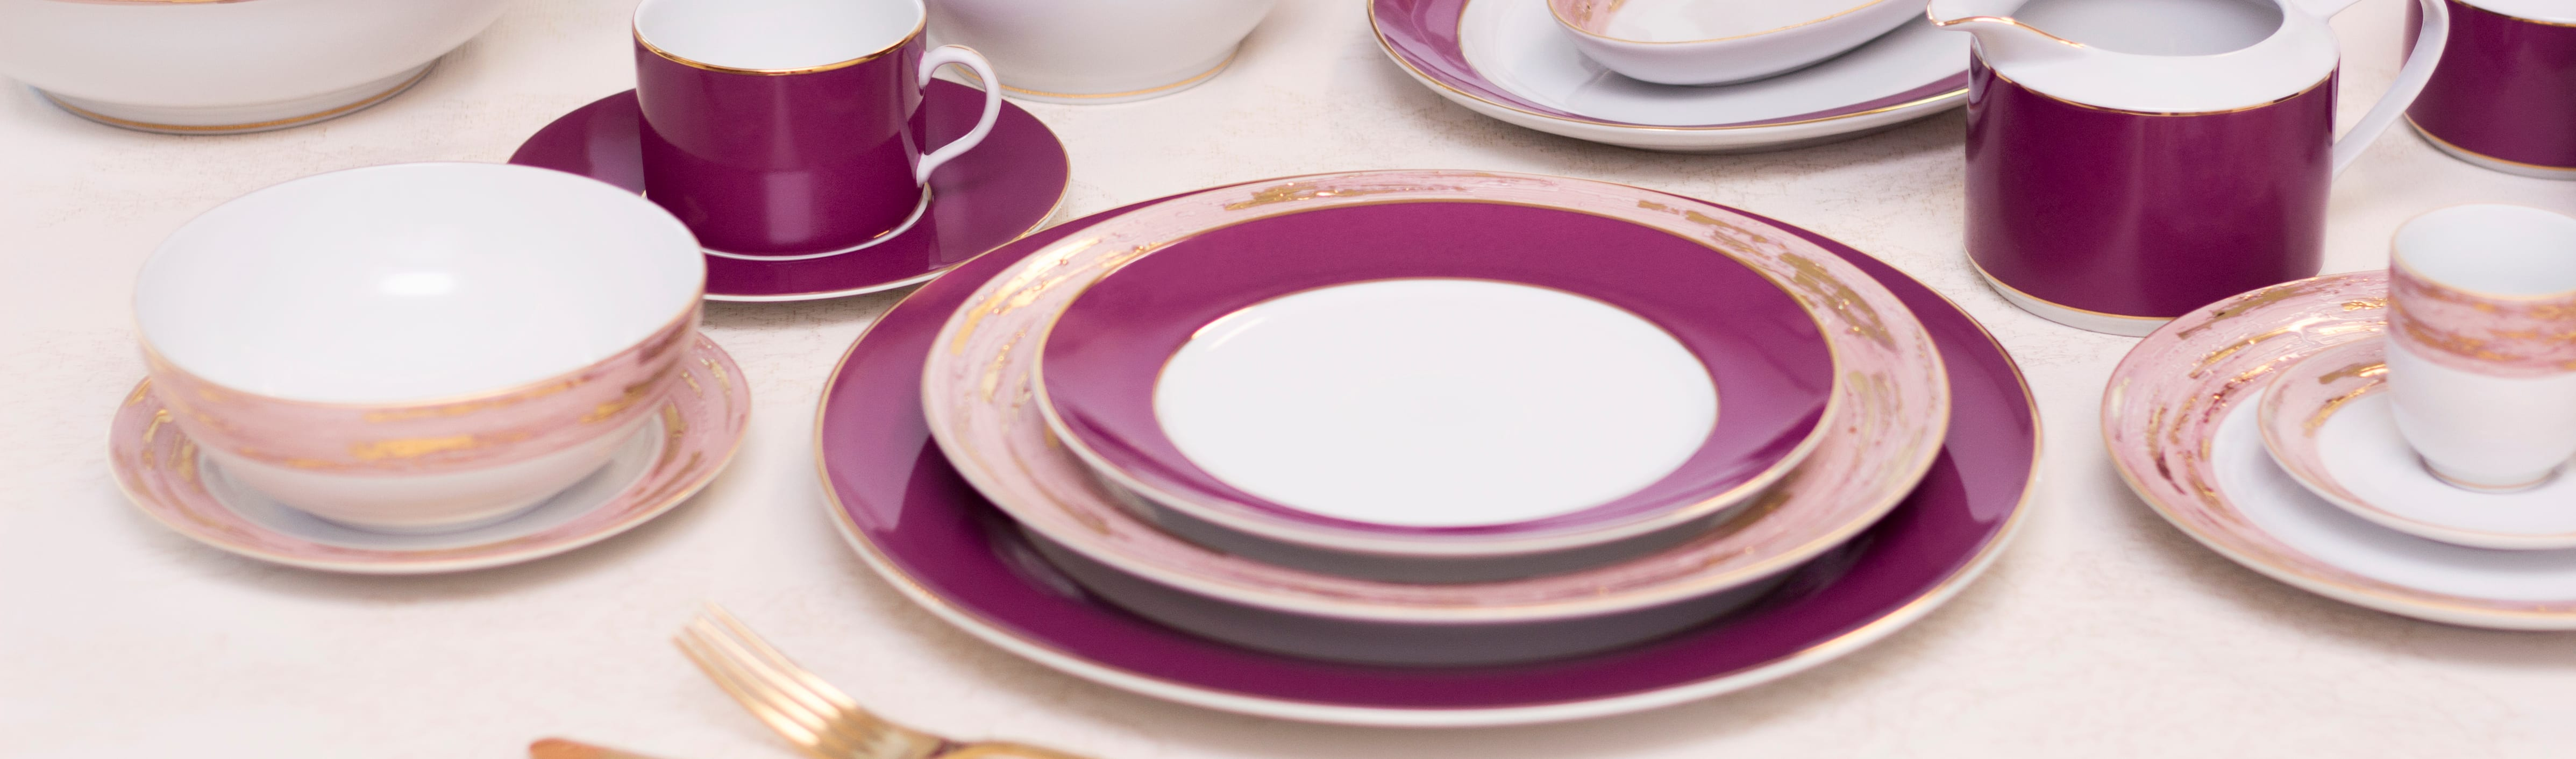 Porcel – Indústria Portuguesa de Porcelanas, S.A.